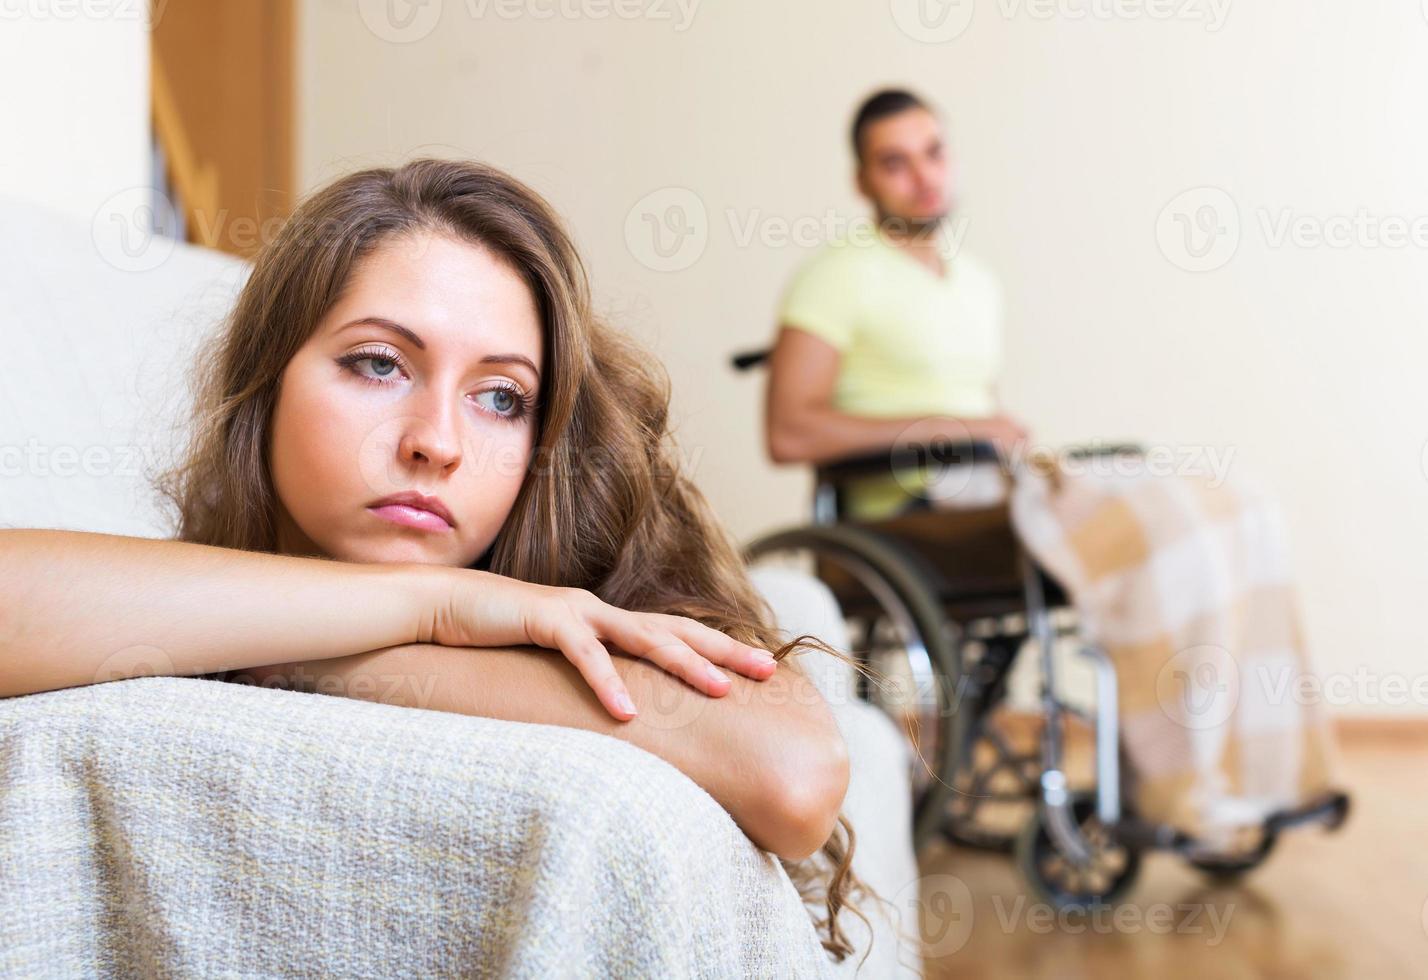 litigio in famiglia con portatori di handicap foto